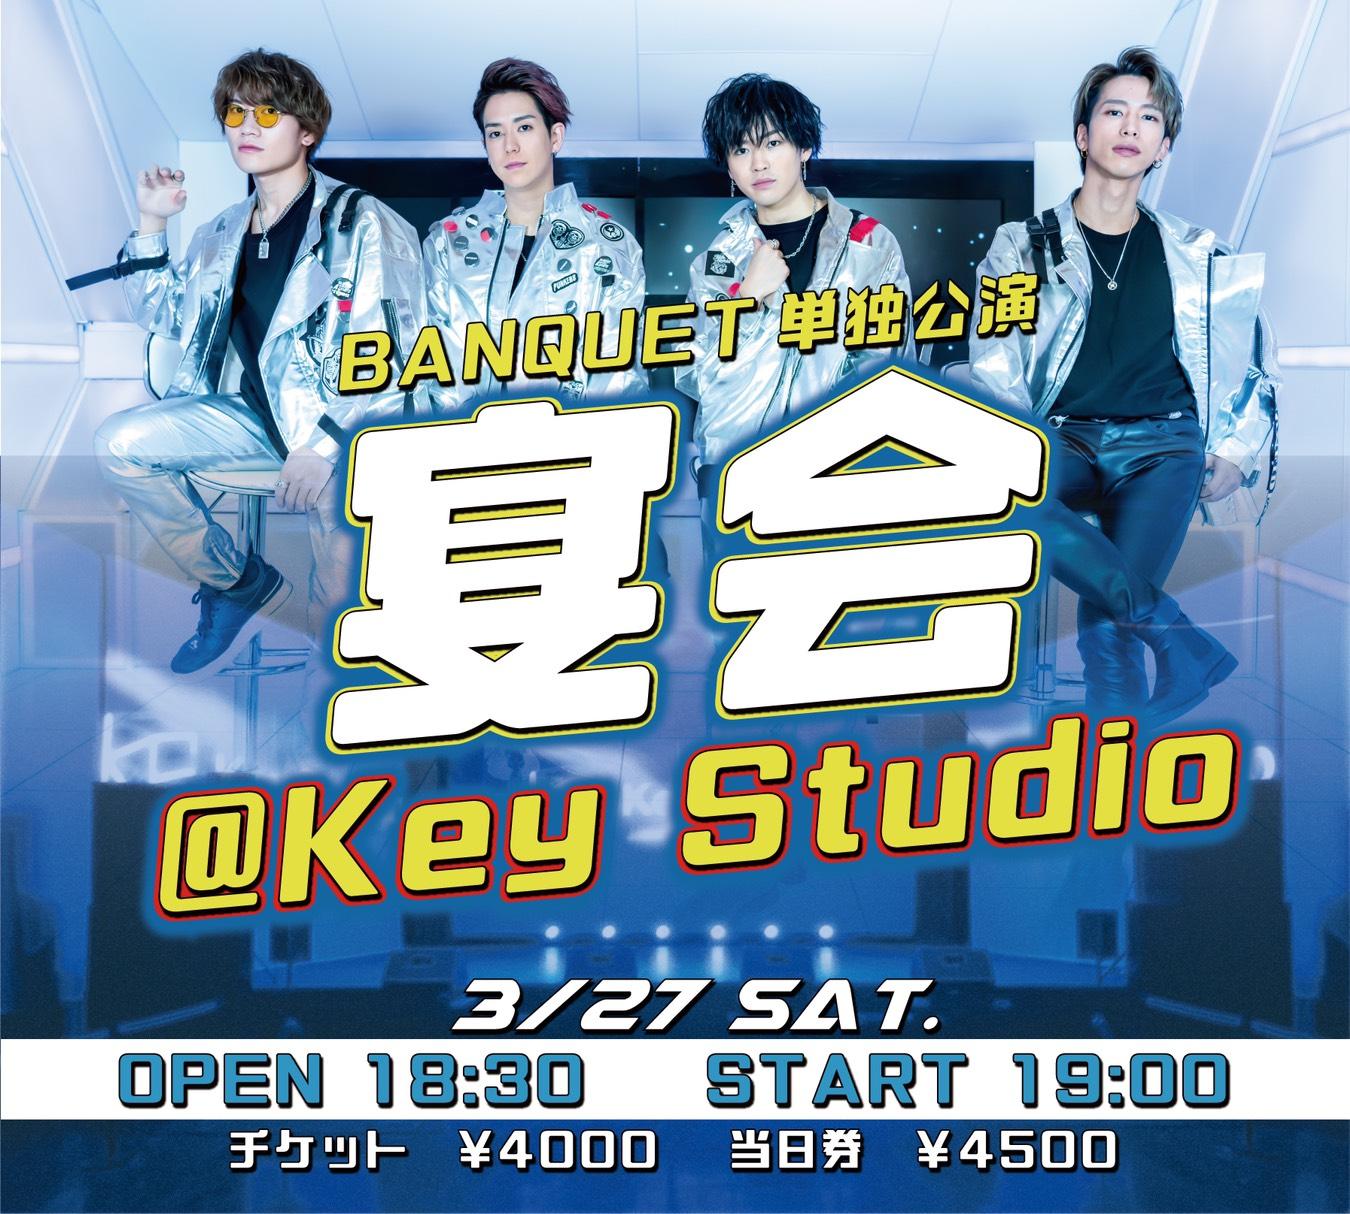 単独公演 宴会@Key Studio